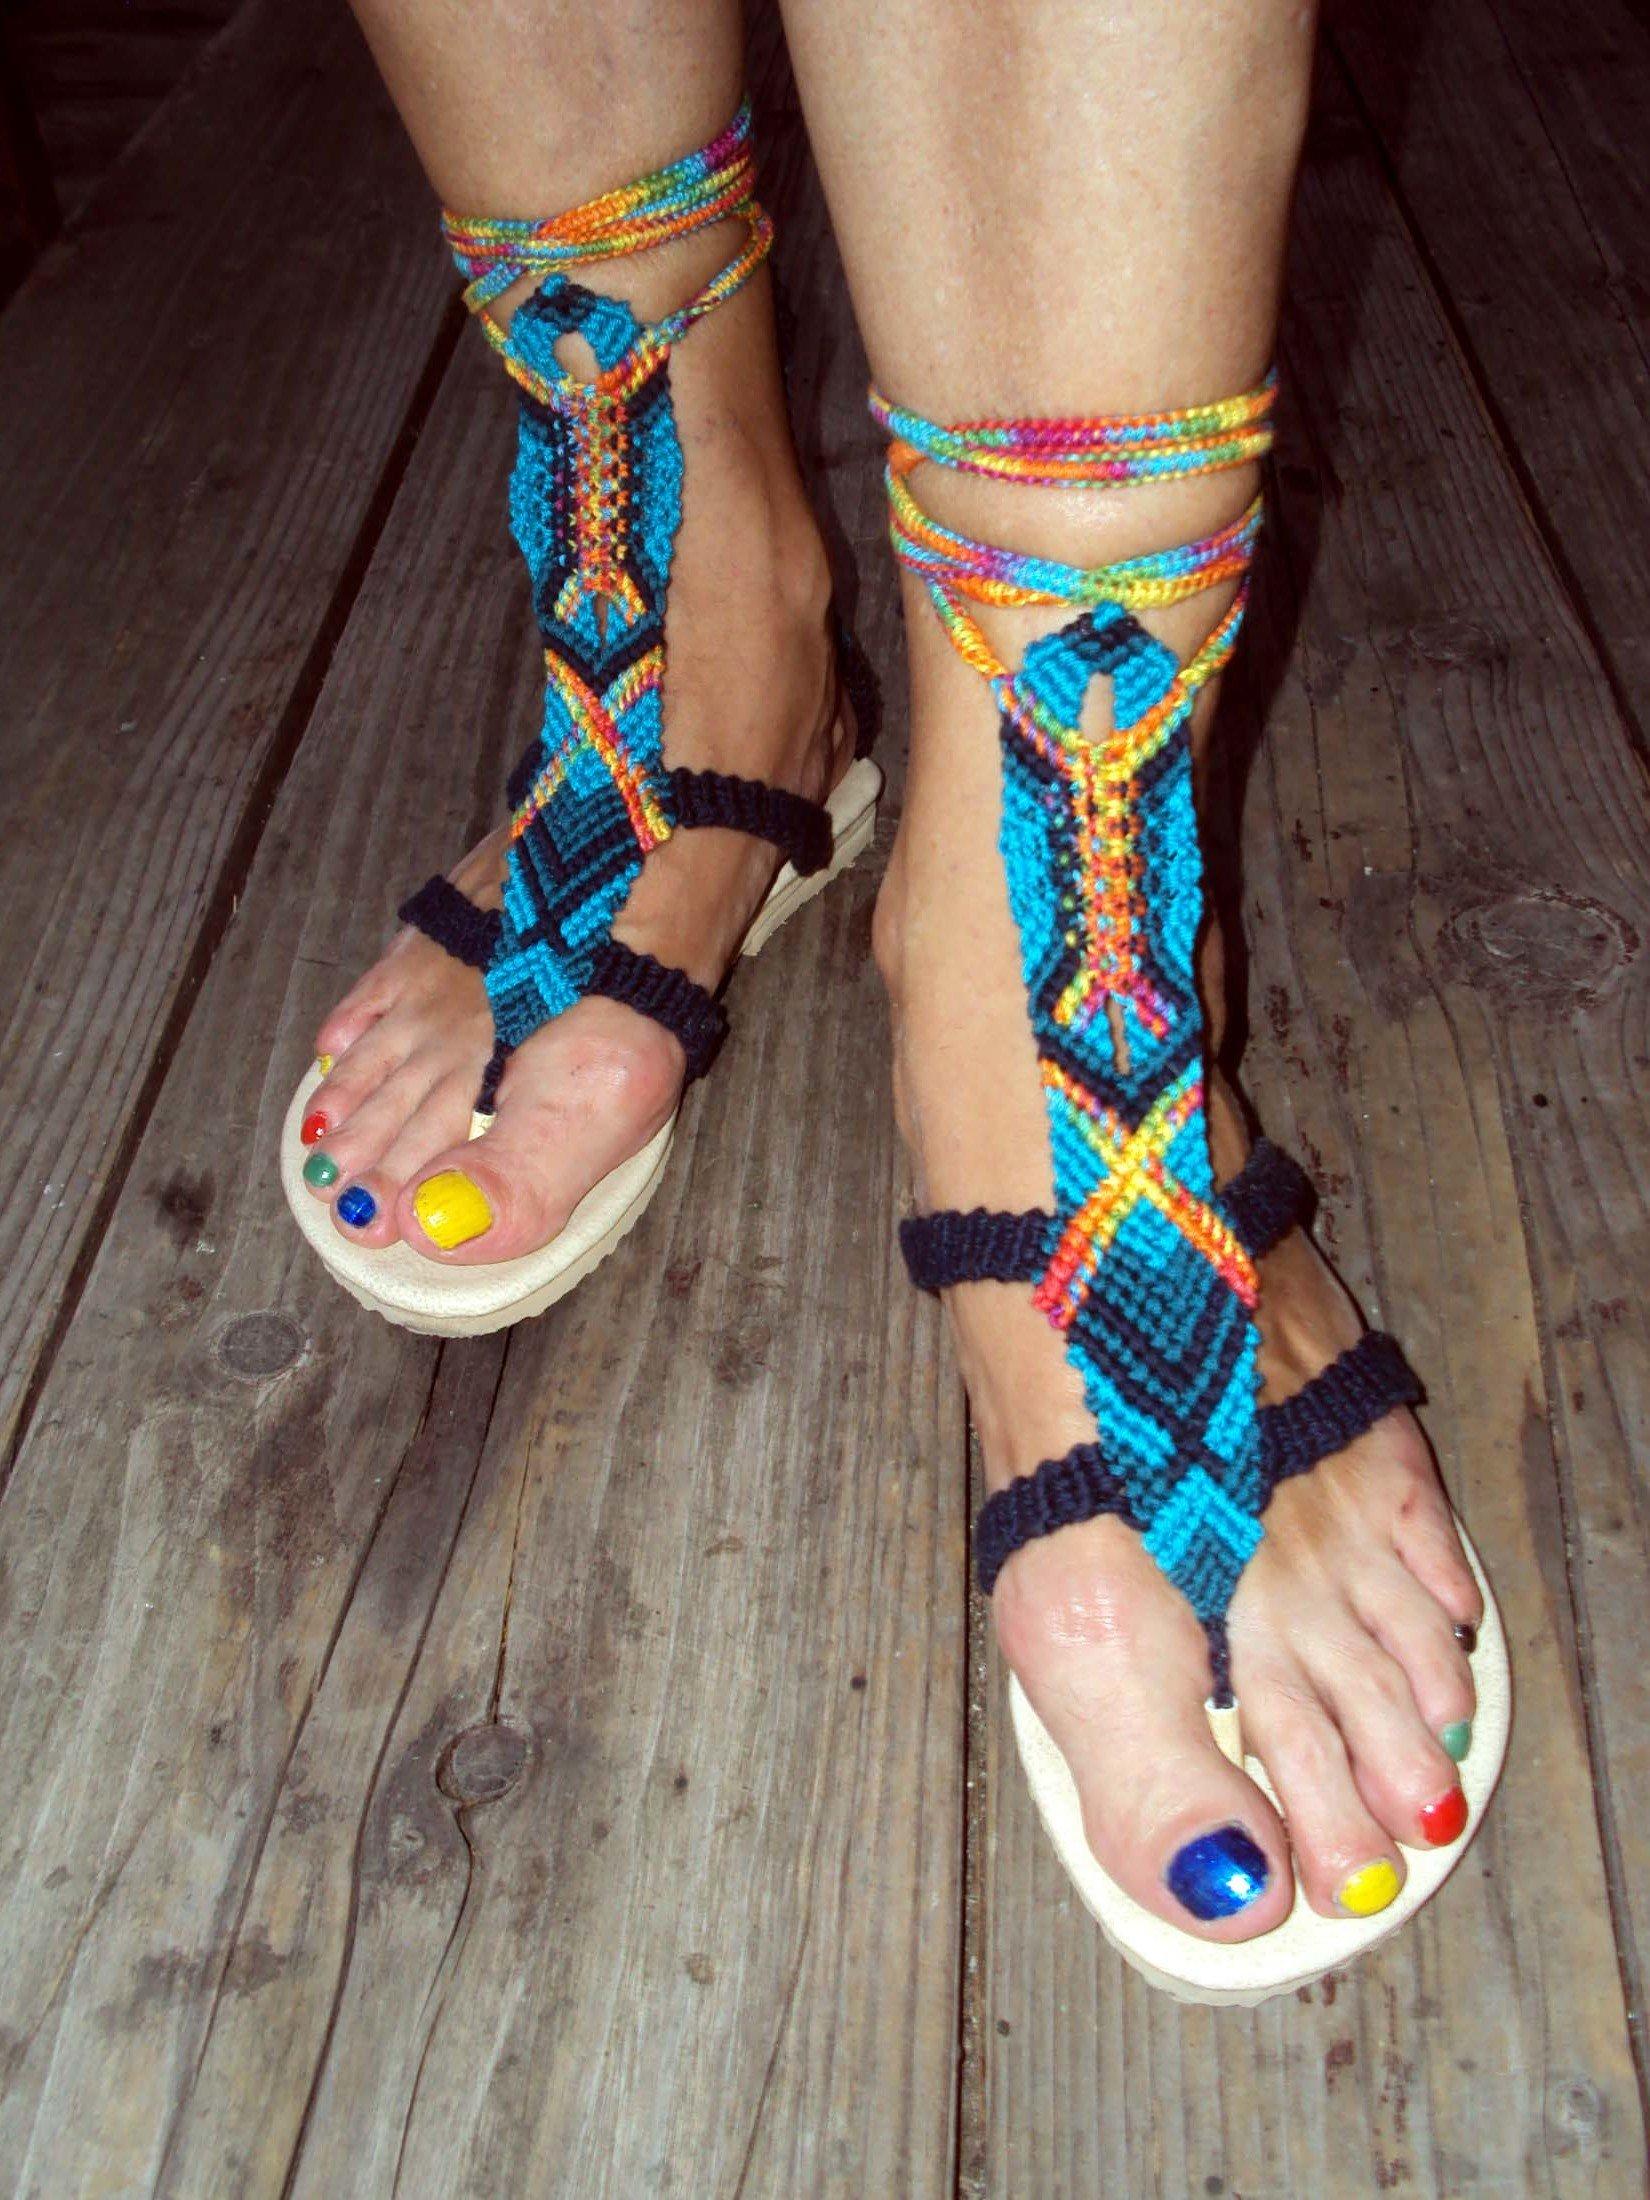 Selbstgeknüpfte Sandalen sind ein echter Hingucker